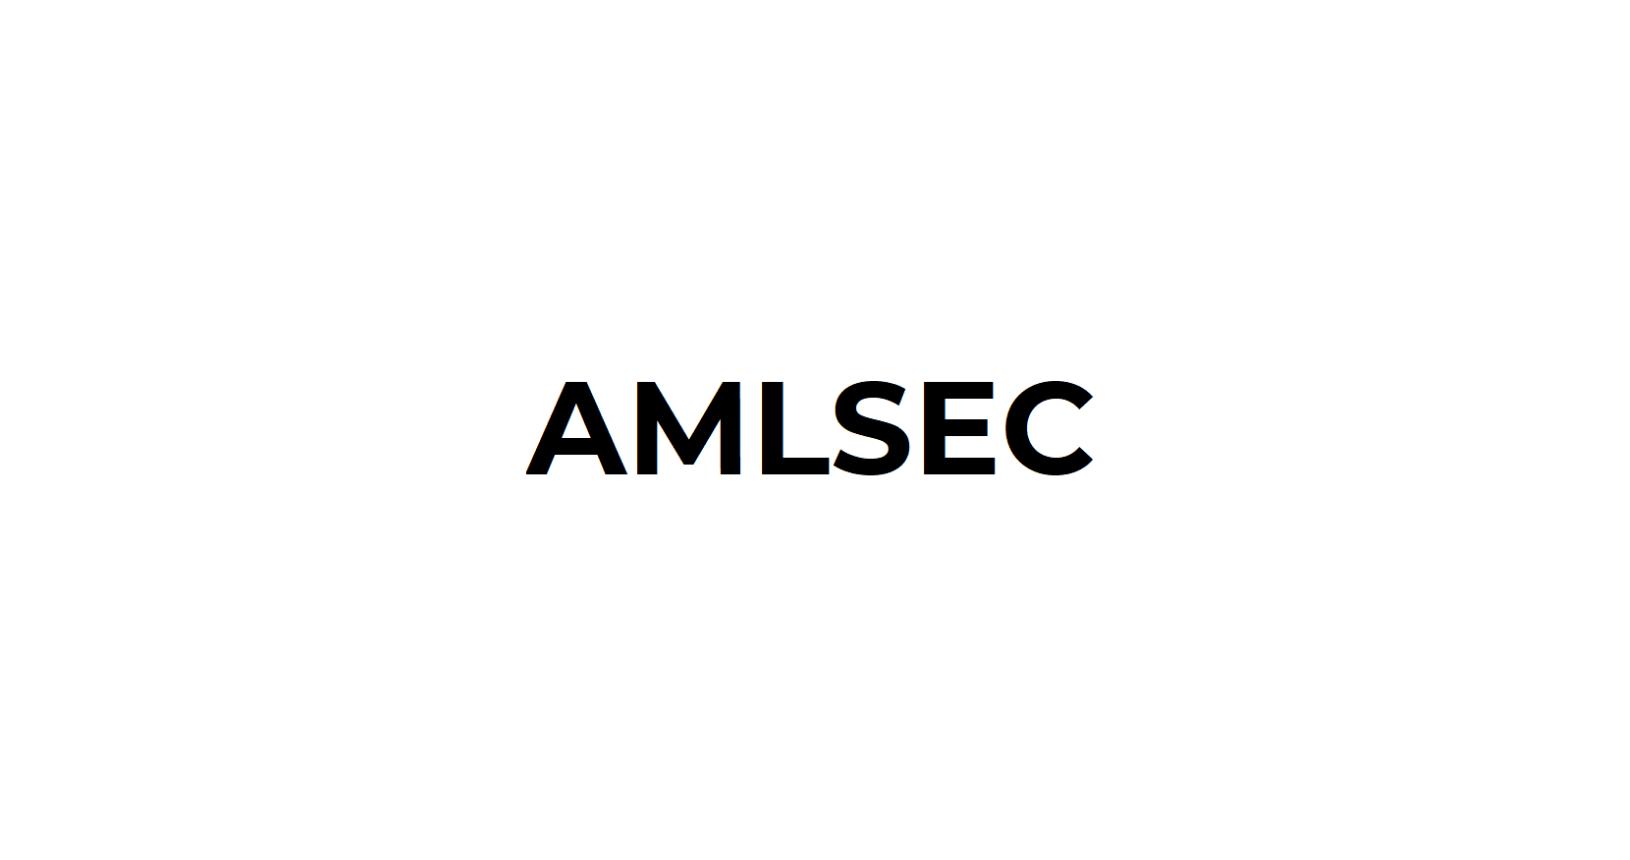 Logo AMLSEC ppnt